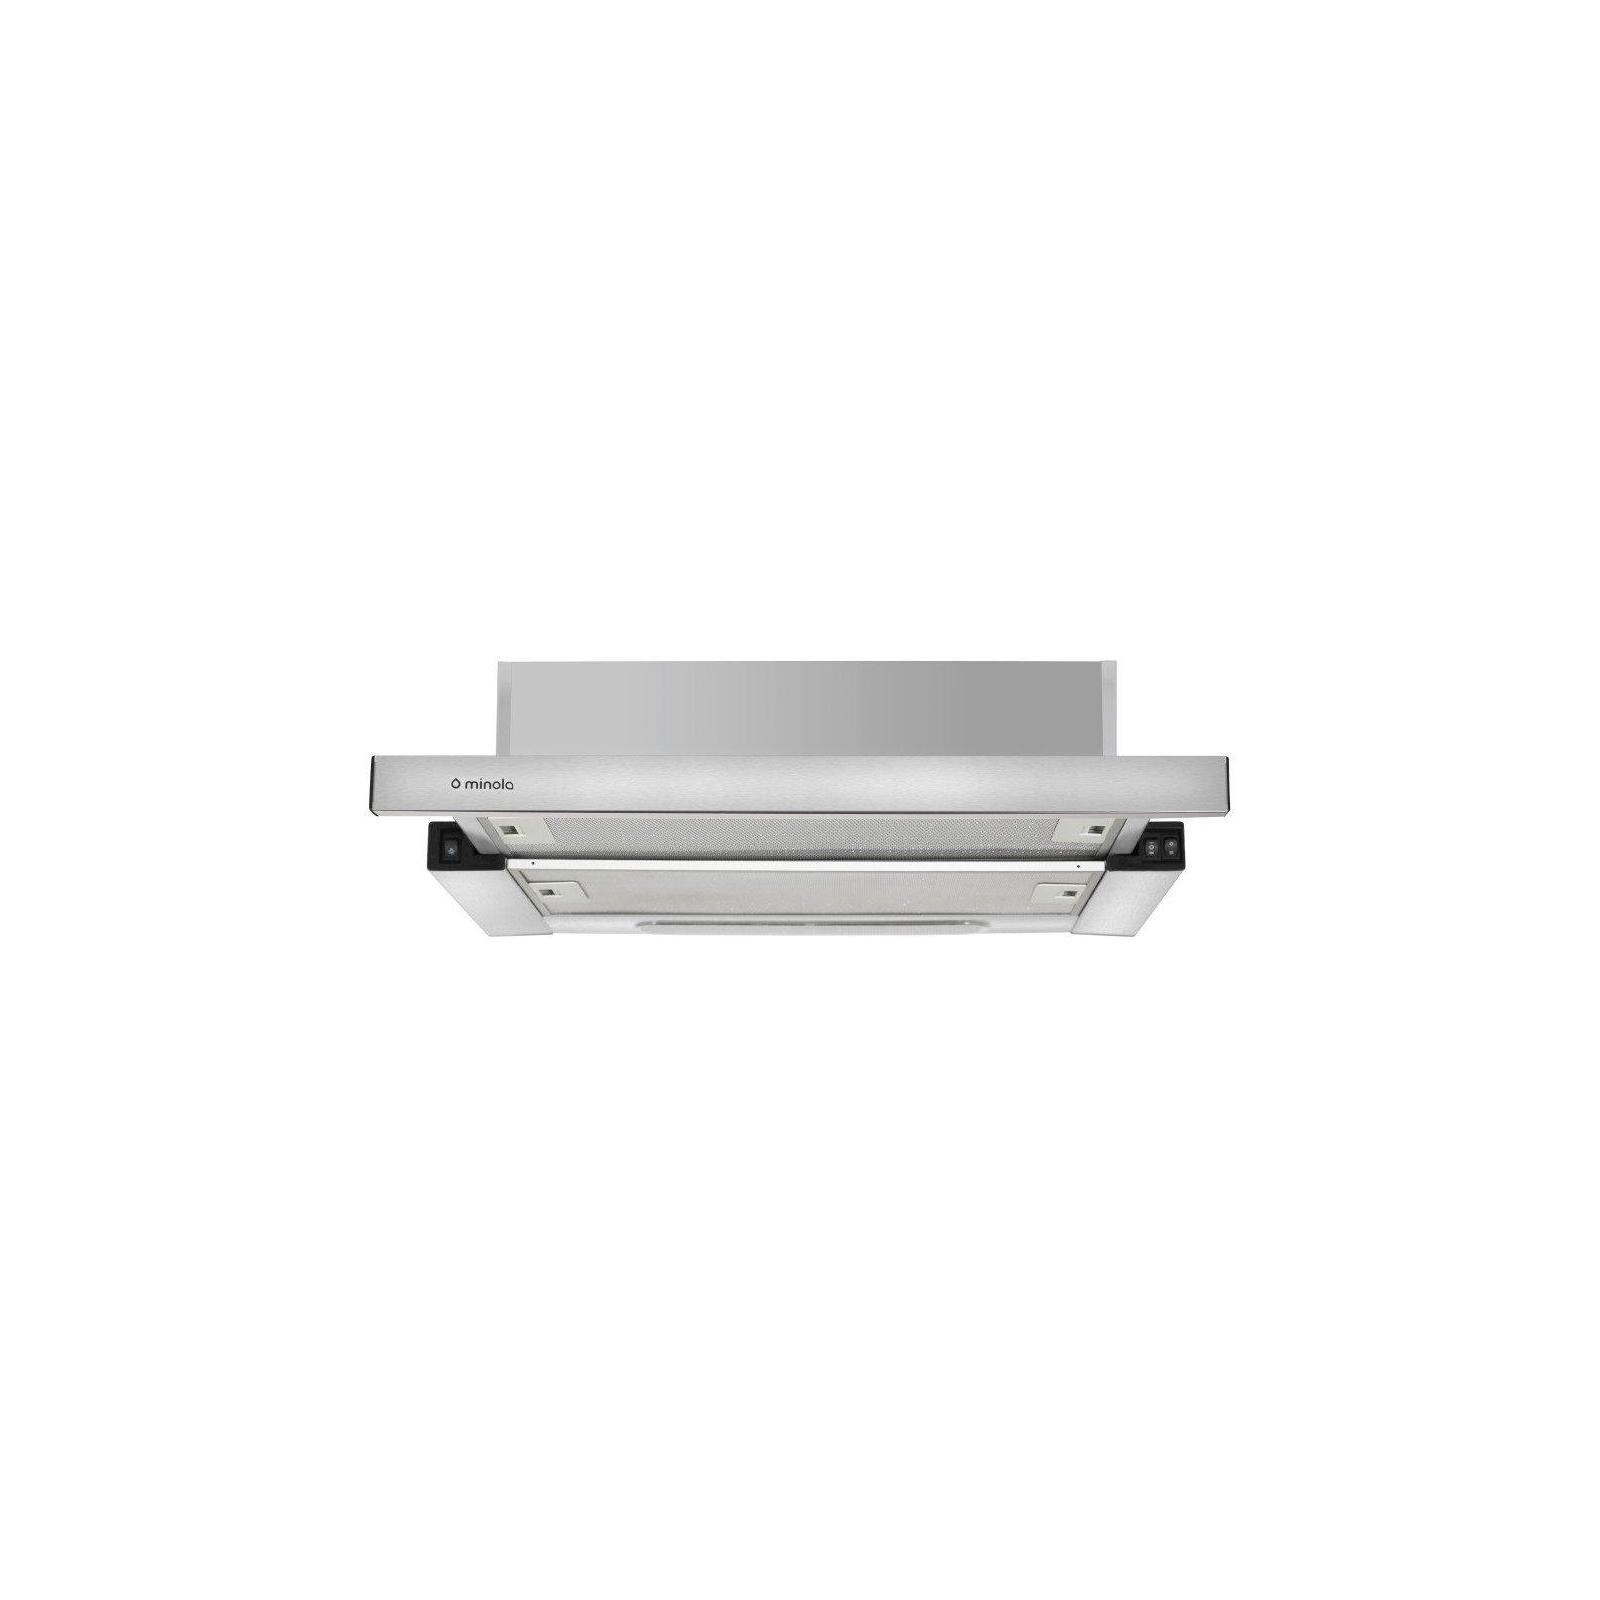 Вытяжка кухонная MINOLA HTL 5010 FULL INOX 430 изображение 2